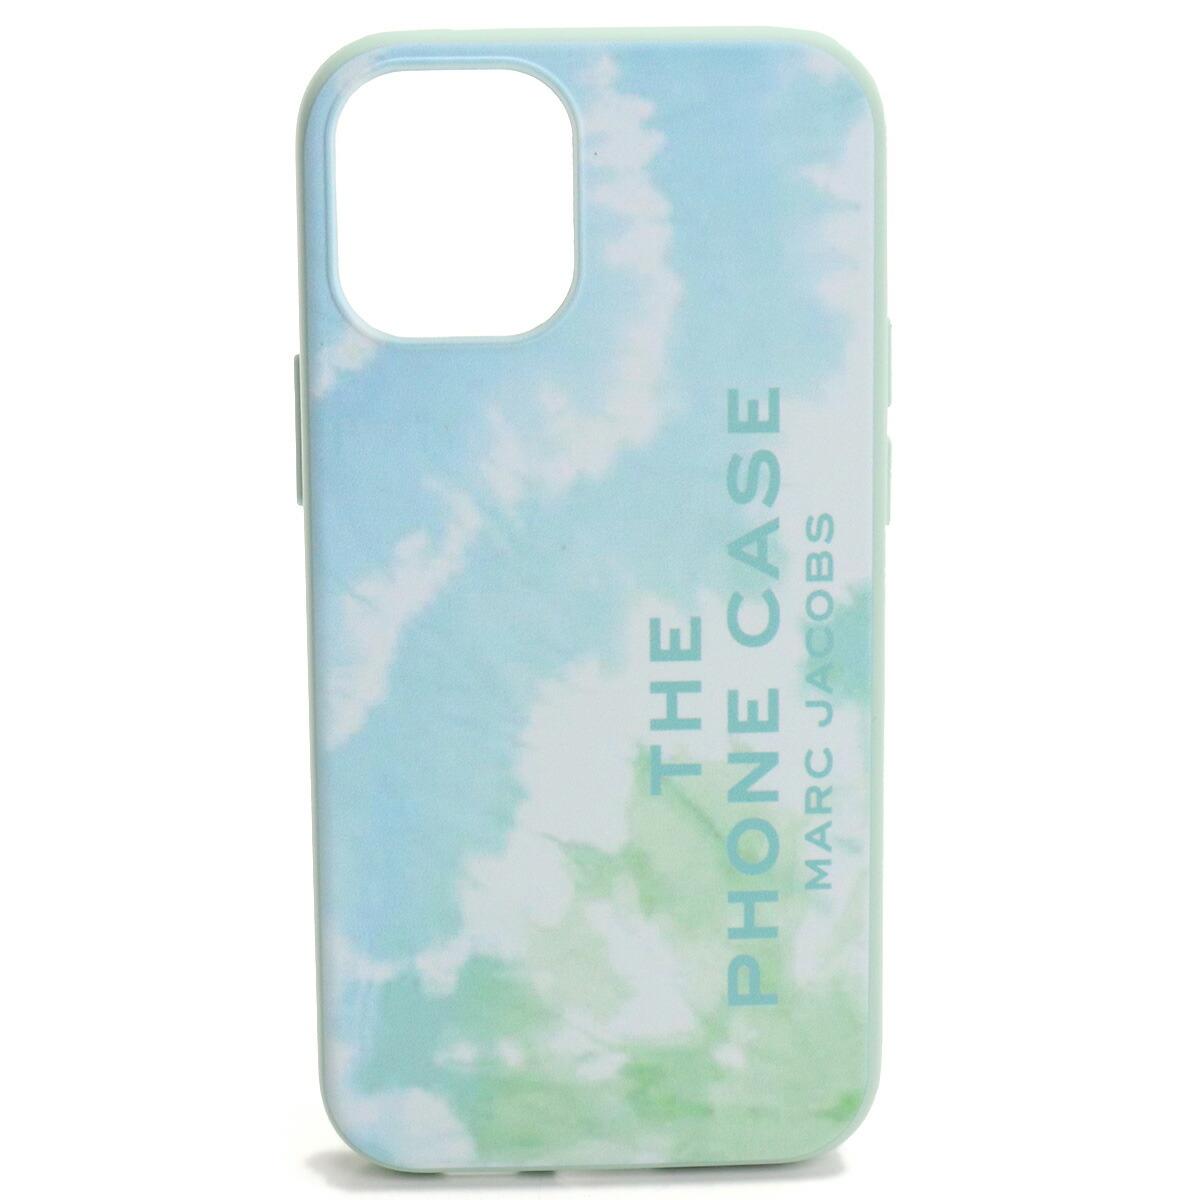 マーク・ジェイコブス MARC JACOBS Iphone 12 Mini iPhoneケース ブランドiPhoneケース T509M02PF21 401 BLUE MULTI ブルー系